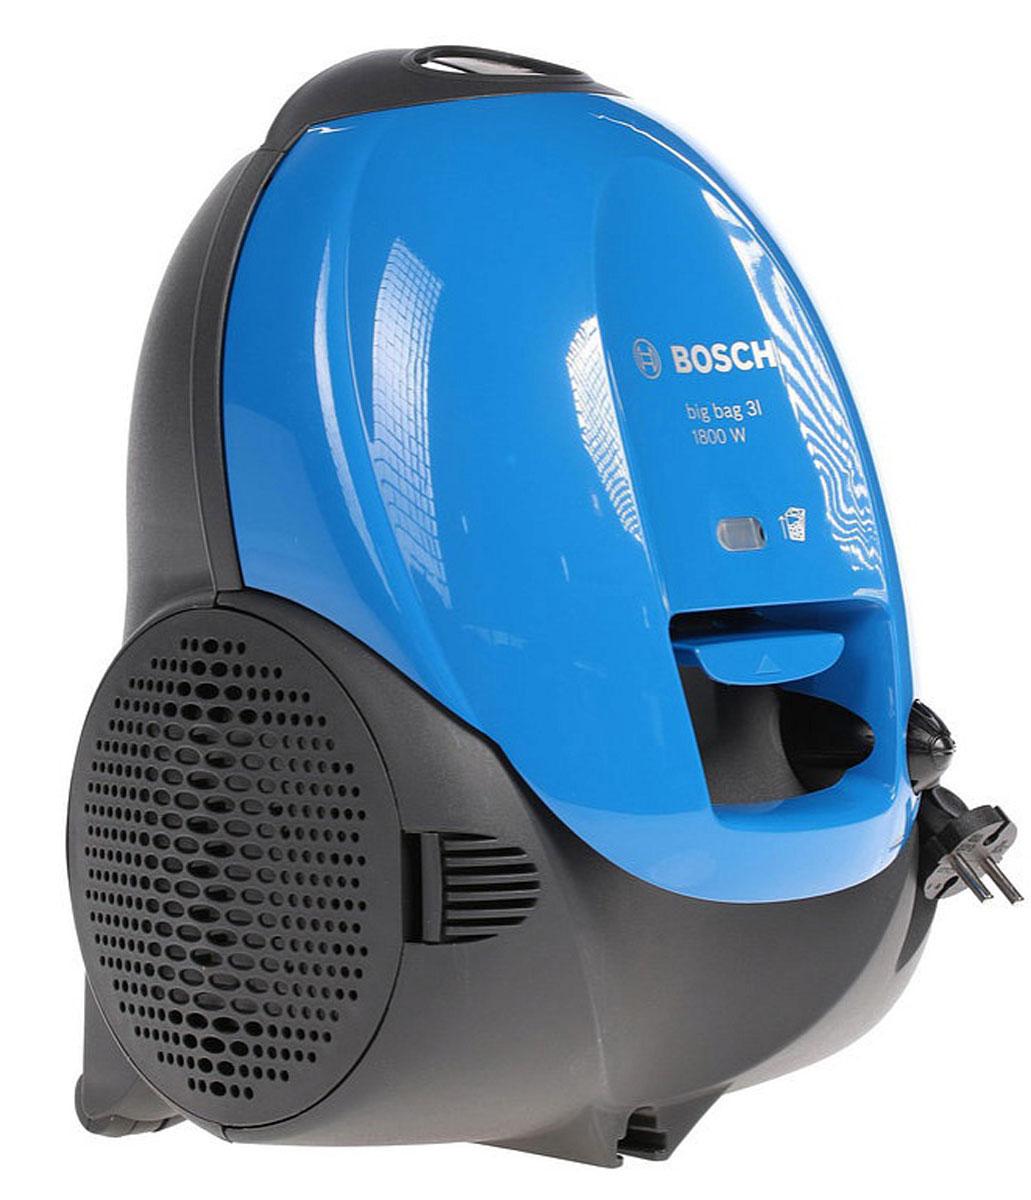 Bosch BSM1805RU, Blue пылесосBSM1805RUБлагодаря высокой мощности пылесос Bosch BSM1805RU обеспечивает безупречное качество уборки. С набором аксессуаров (щелевая насадка, насадка для мягкой и корпусной мебели, насадка пол/ковер) вам подвластны труднодоступные места. Всегда качественный результат уборки. Благодаря большому радиусу действия 8 м можно убрать даже большую квартиру за один подход.